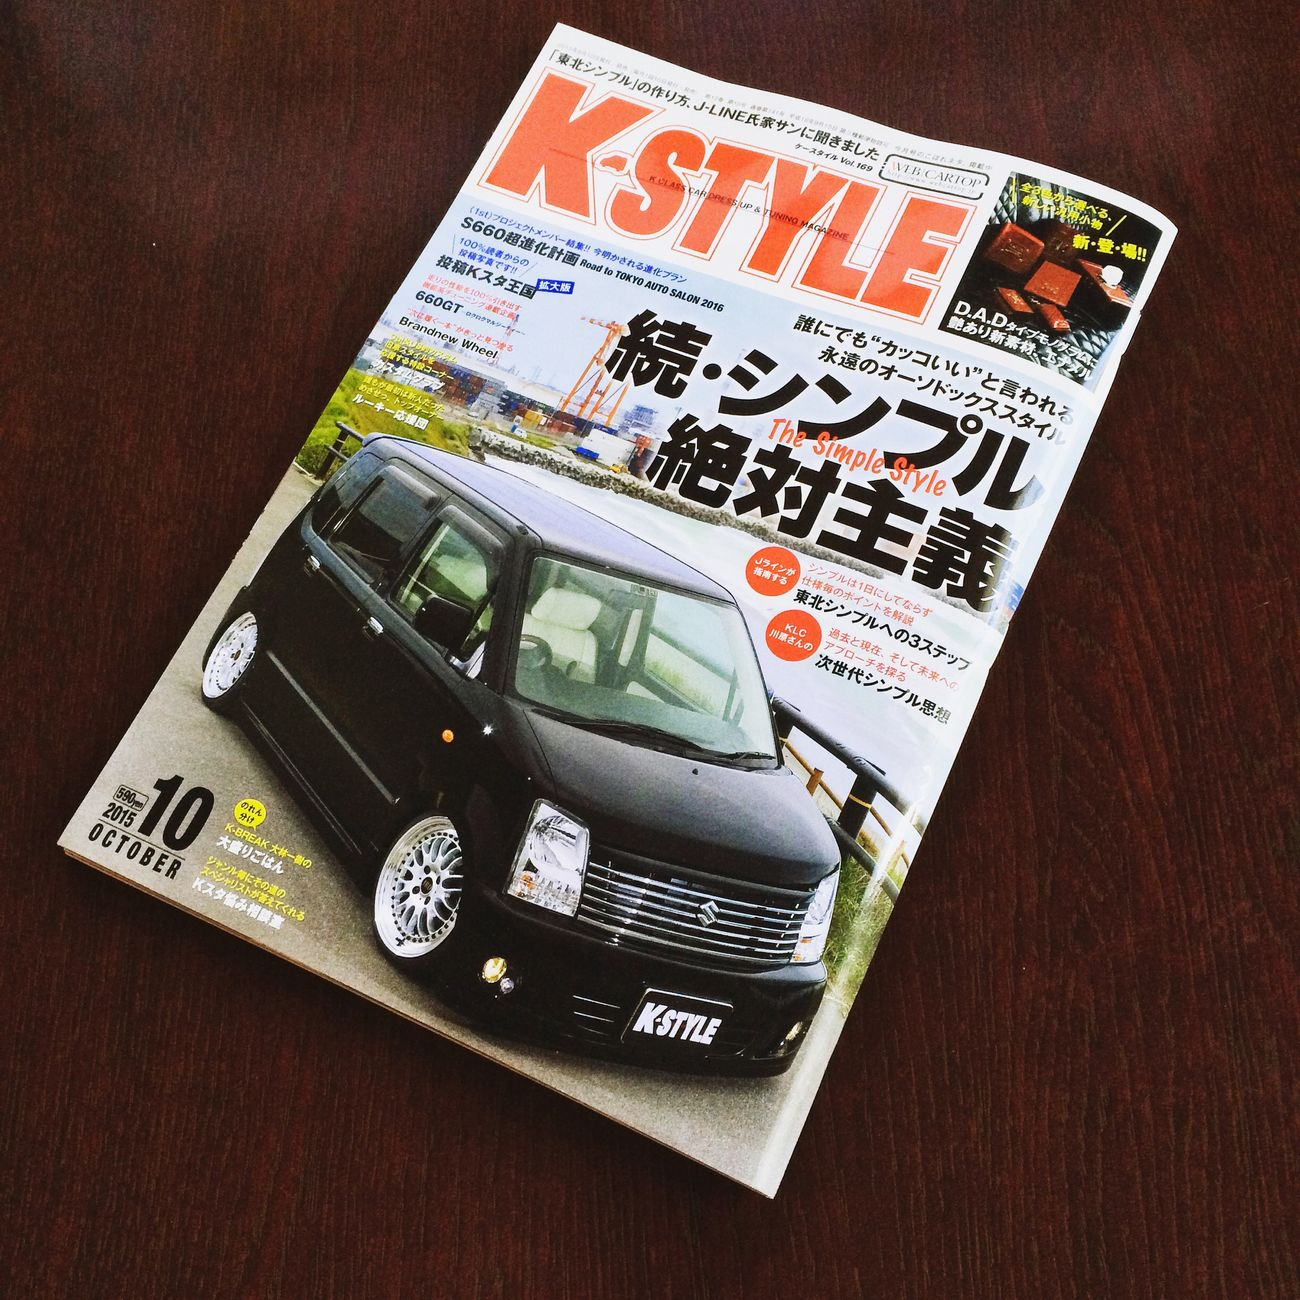 K-STYLE10月号発売中です! よろしくお願いします。 Kstyle Kcar Magazine Issues